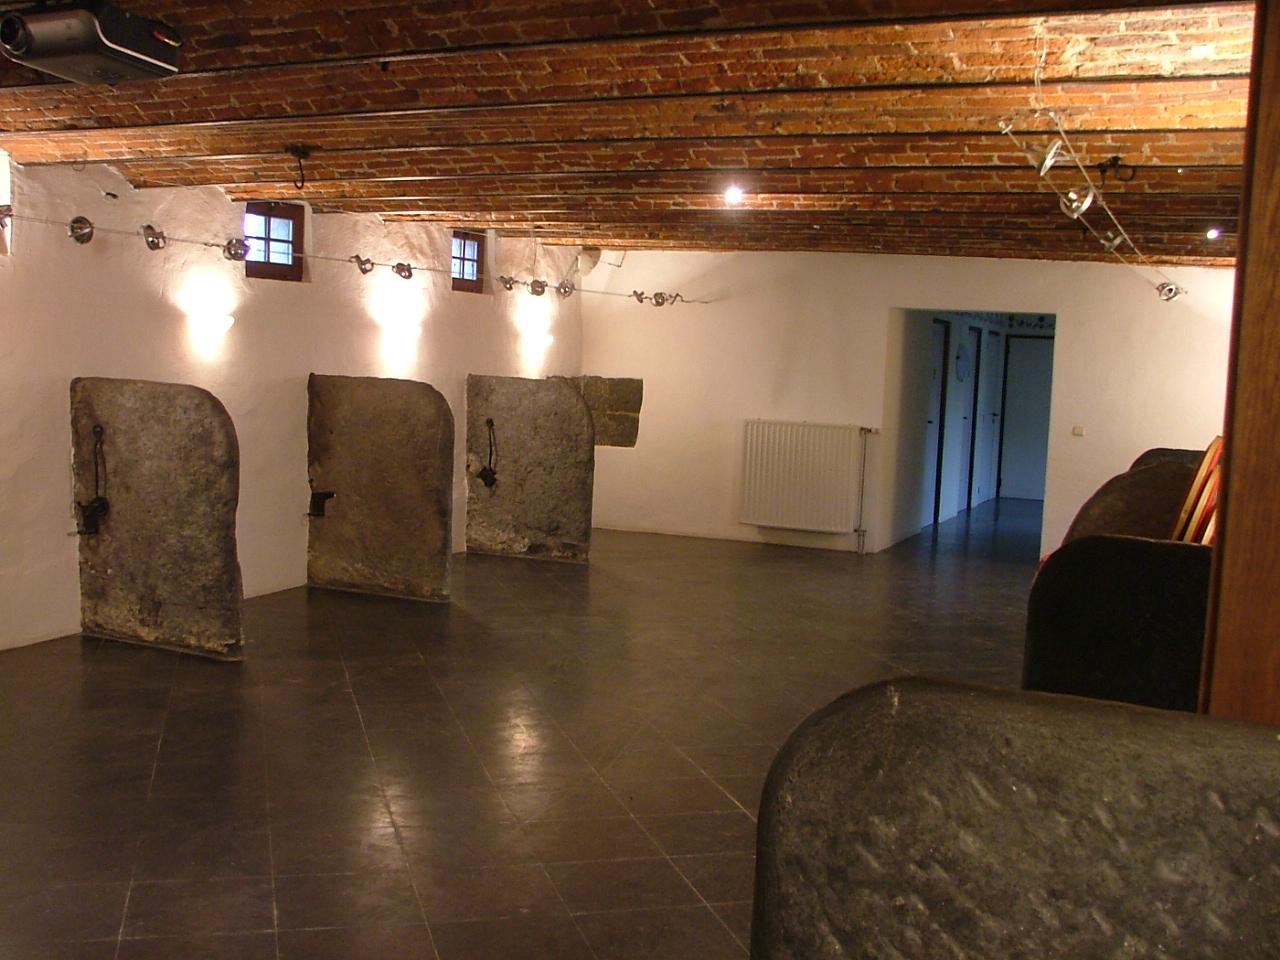 L'étable et l'écurie - Les deux pièces sont attenantes et vous permettent d'accueillir vos convives pour un diner, un séminaire, ou tout autre événement de moins de 100 personnes. Pour chacun des deux salons, compter :Surface : 80 m2Réception : de 10 à 80 personnesDiner assis : de 10 à 50 personnes